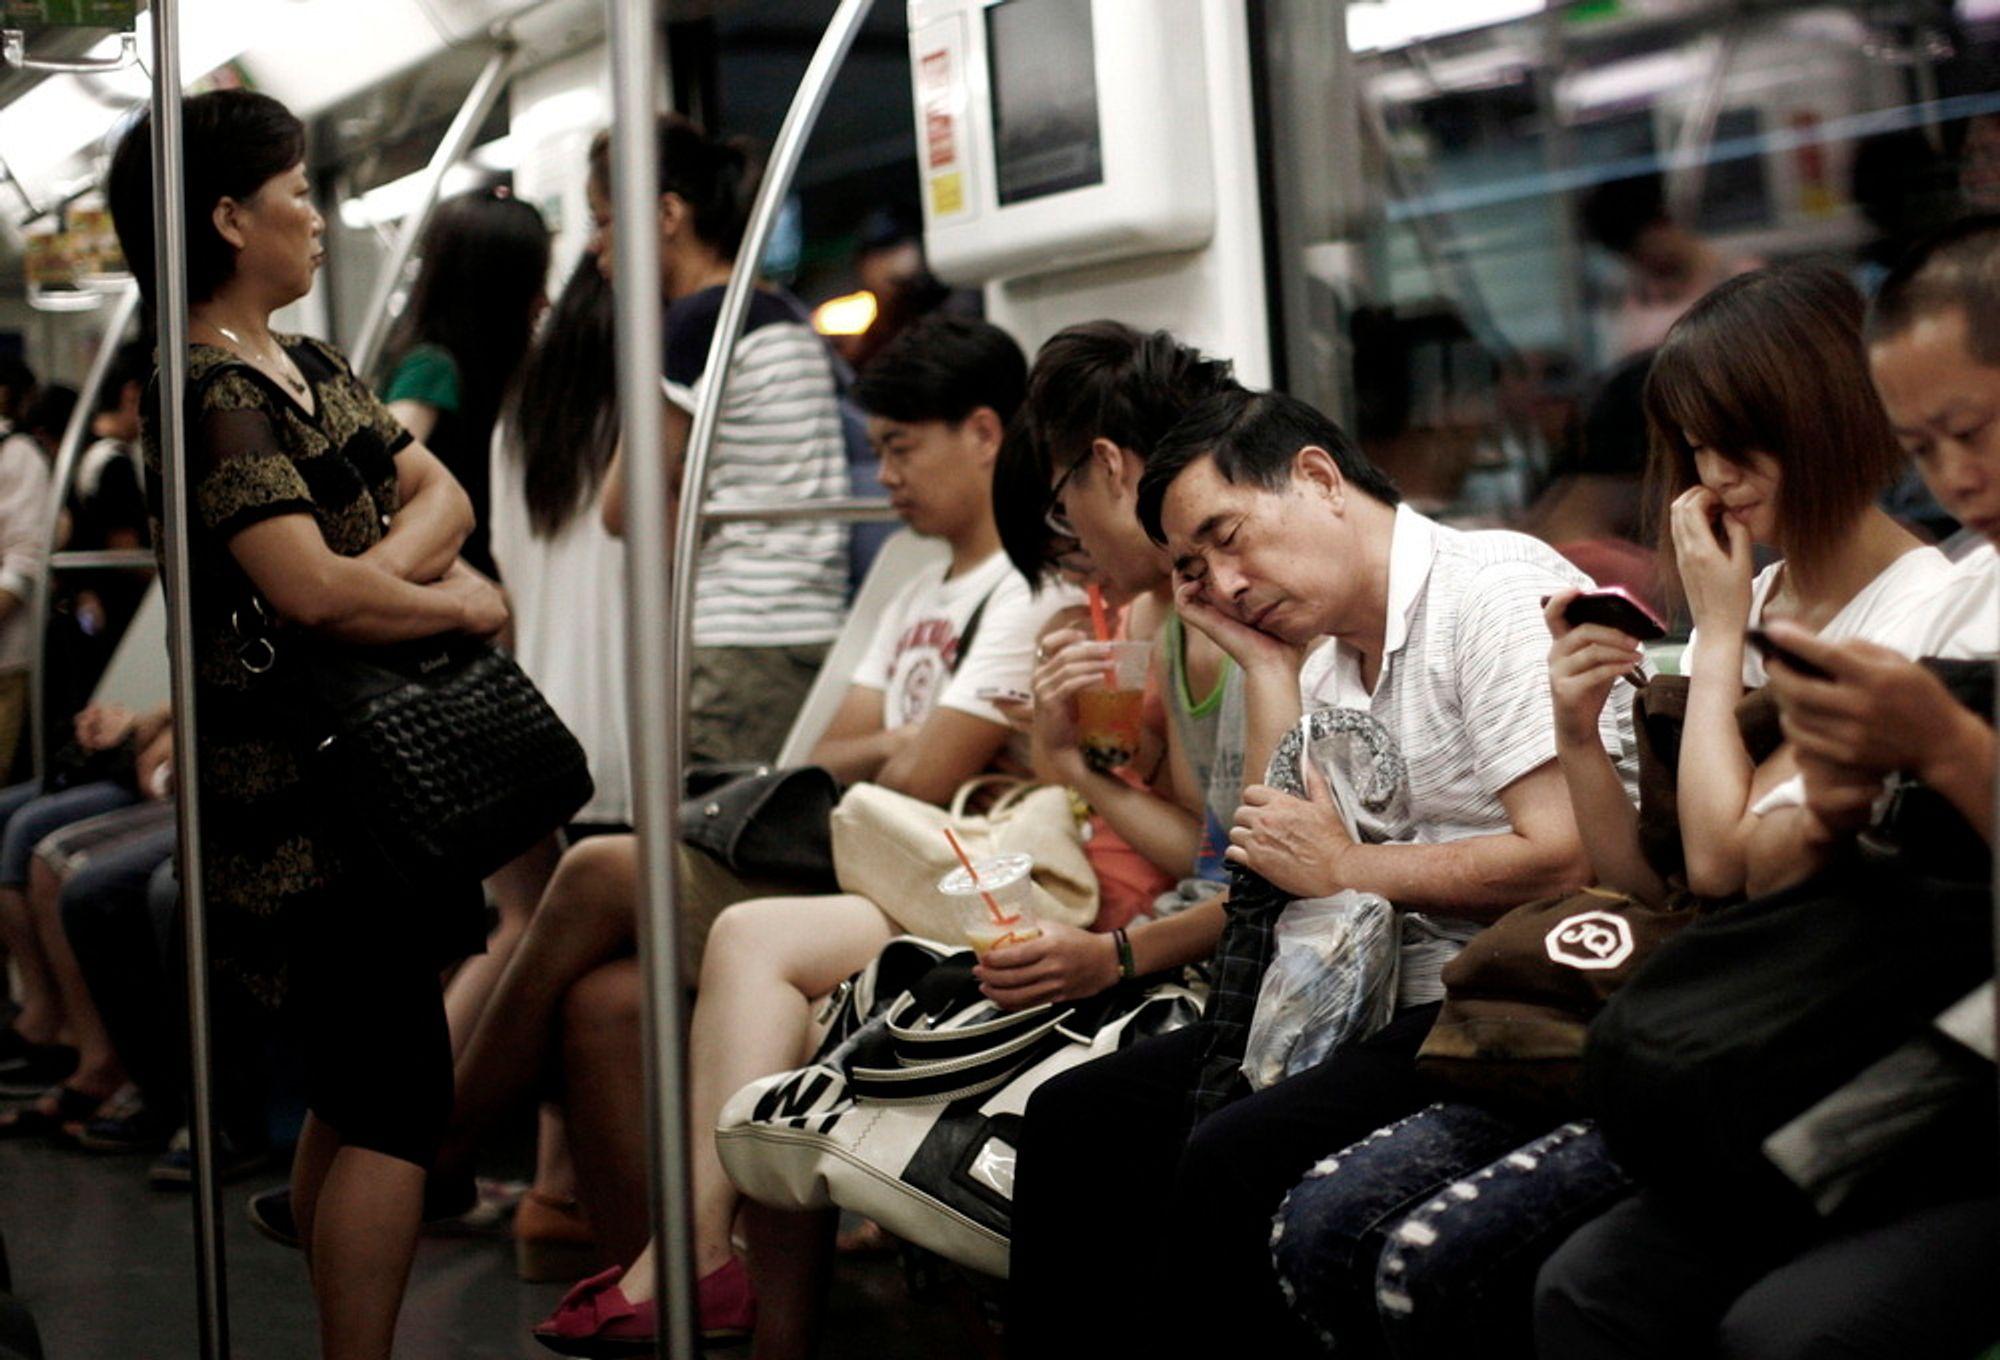 BLIR BEDRE: Kina skal ruste opp kollektivnettet for flere hundre milliarder kroner de neste årene.